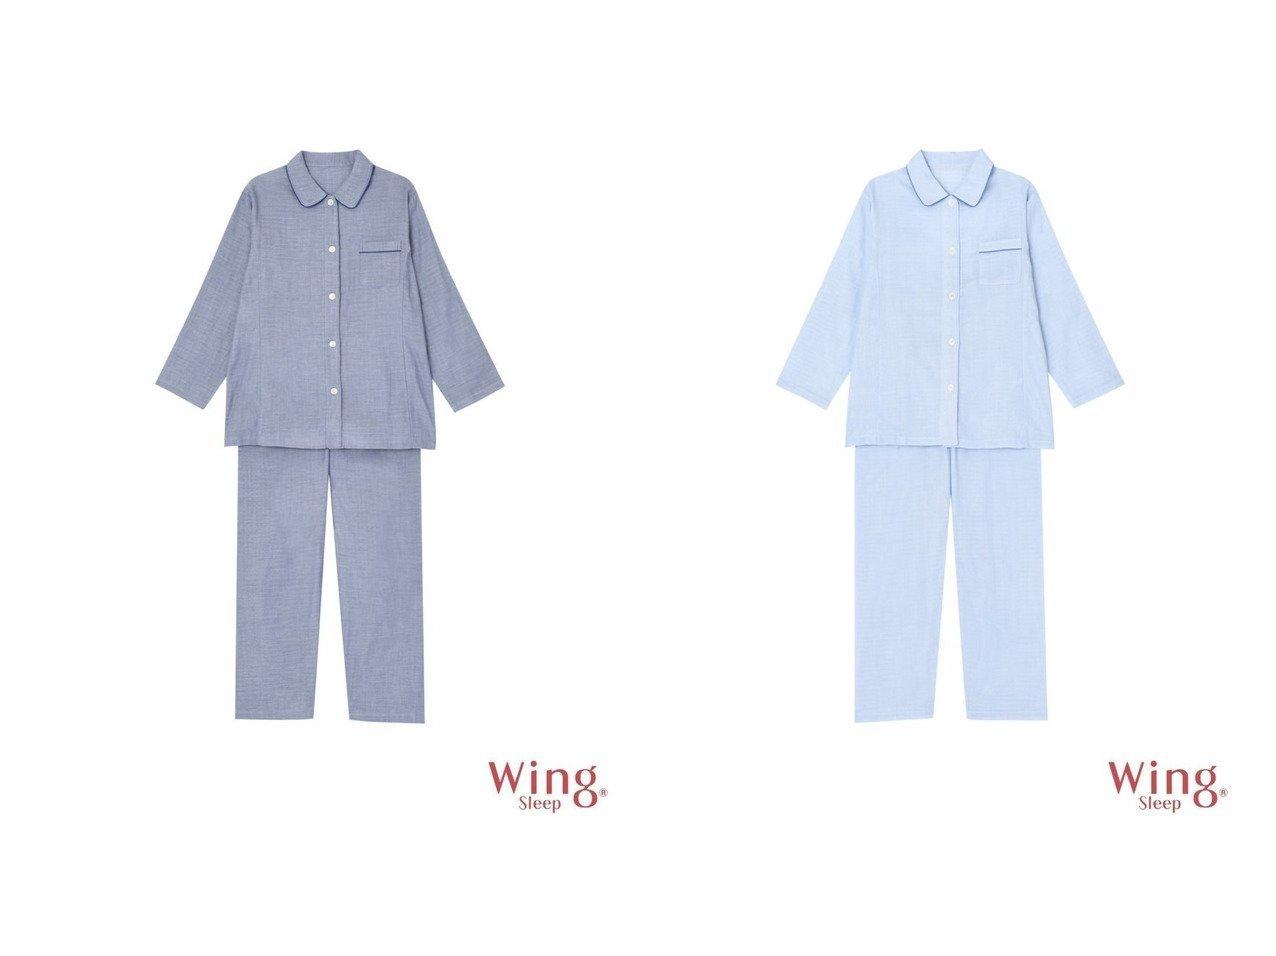 【Wing Sleep/ウイングスリープ】のウイング パジャマ 霜降り調 ロング袖・ロングパンツ おすすめ!人気、トレンド・レディースファッションの通販 おすすめで人気の流行・トレンド、ファッションの通販商品 インテリア・家具・メンズファッション・キッズファッション・レディースファッション・服の通販 founy(ファニー) https://founy.com/ ファッション Fashion レディースファッション WOMEN パンツ Pants なめらか インナー シンプル パジャマ ロング 巾着 |ID:crp329100000061963